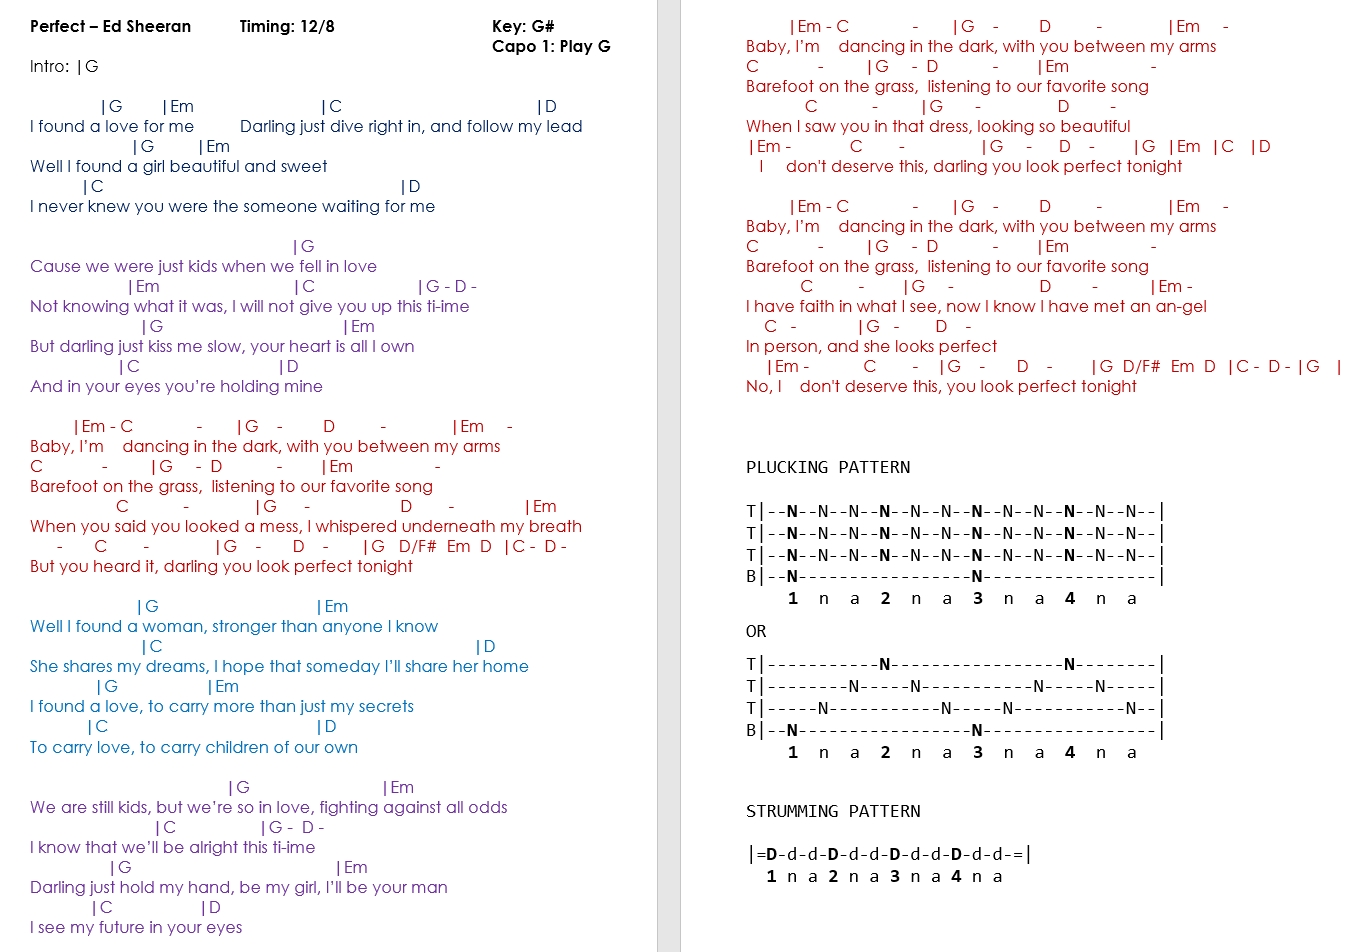 Perfect Ed Sheeran Lyrics And Chords Key Of G Images